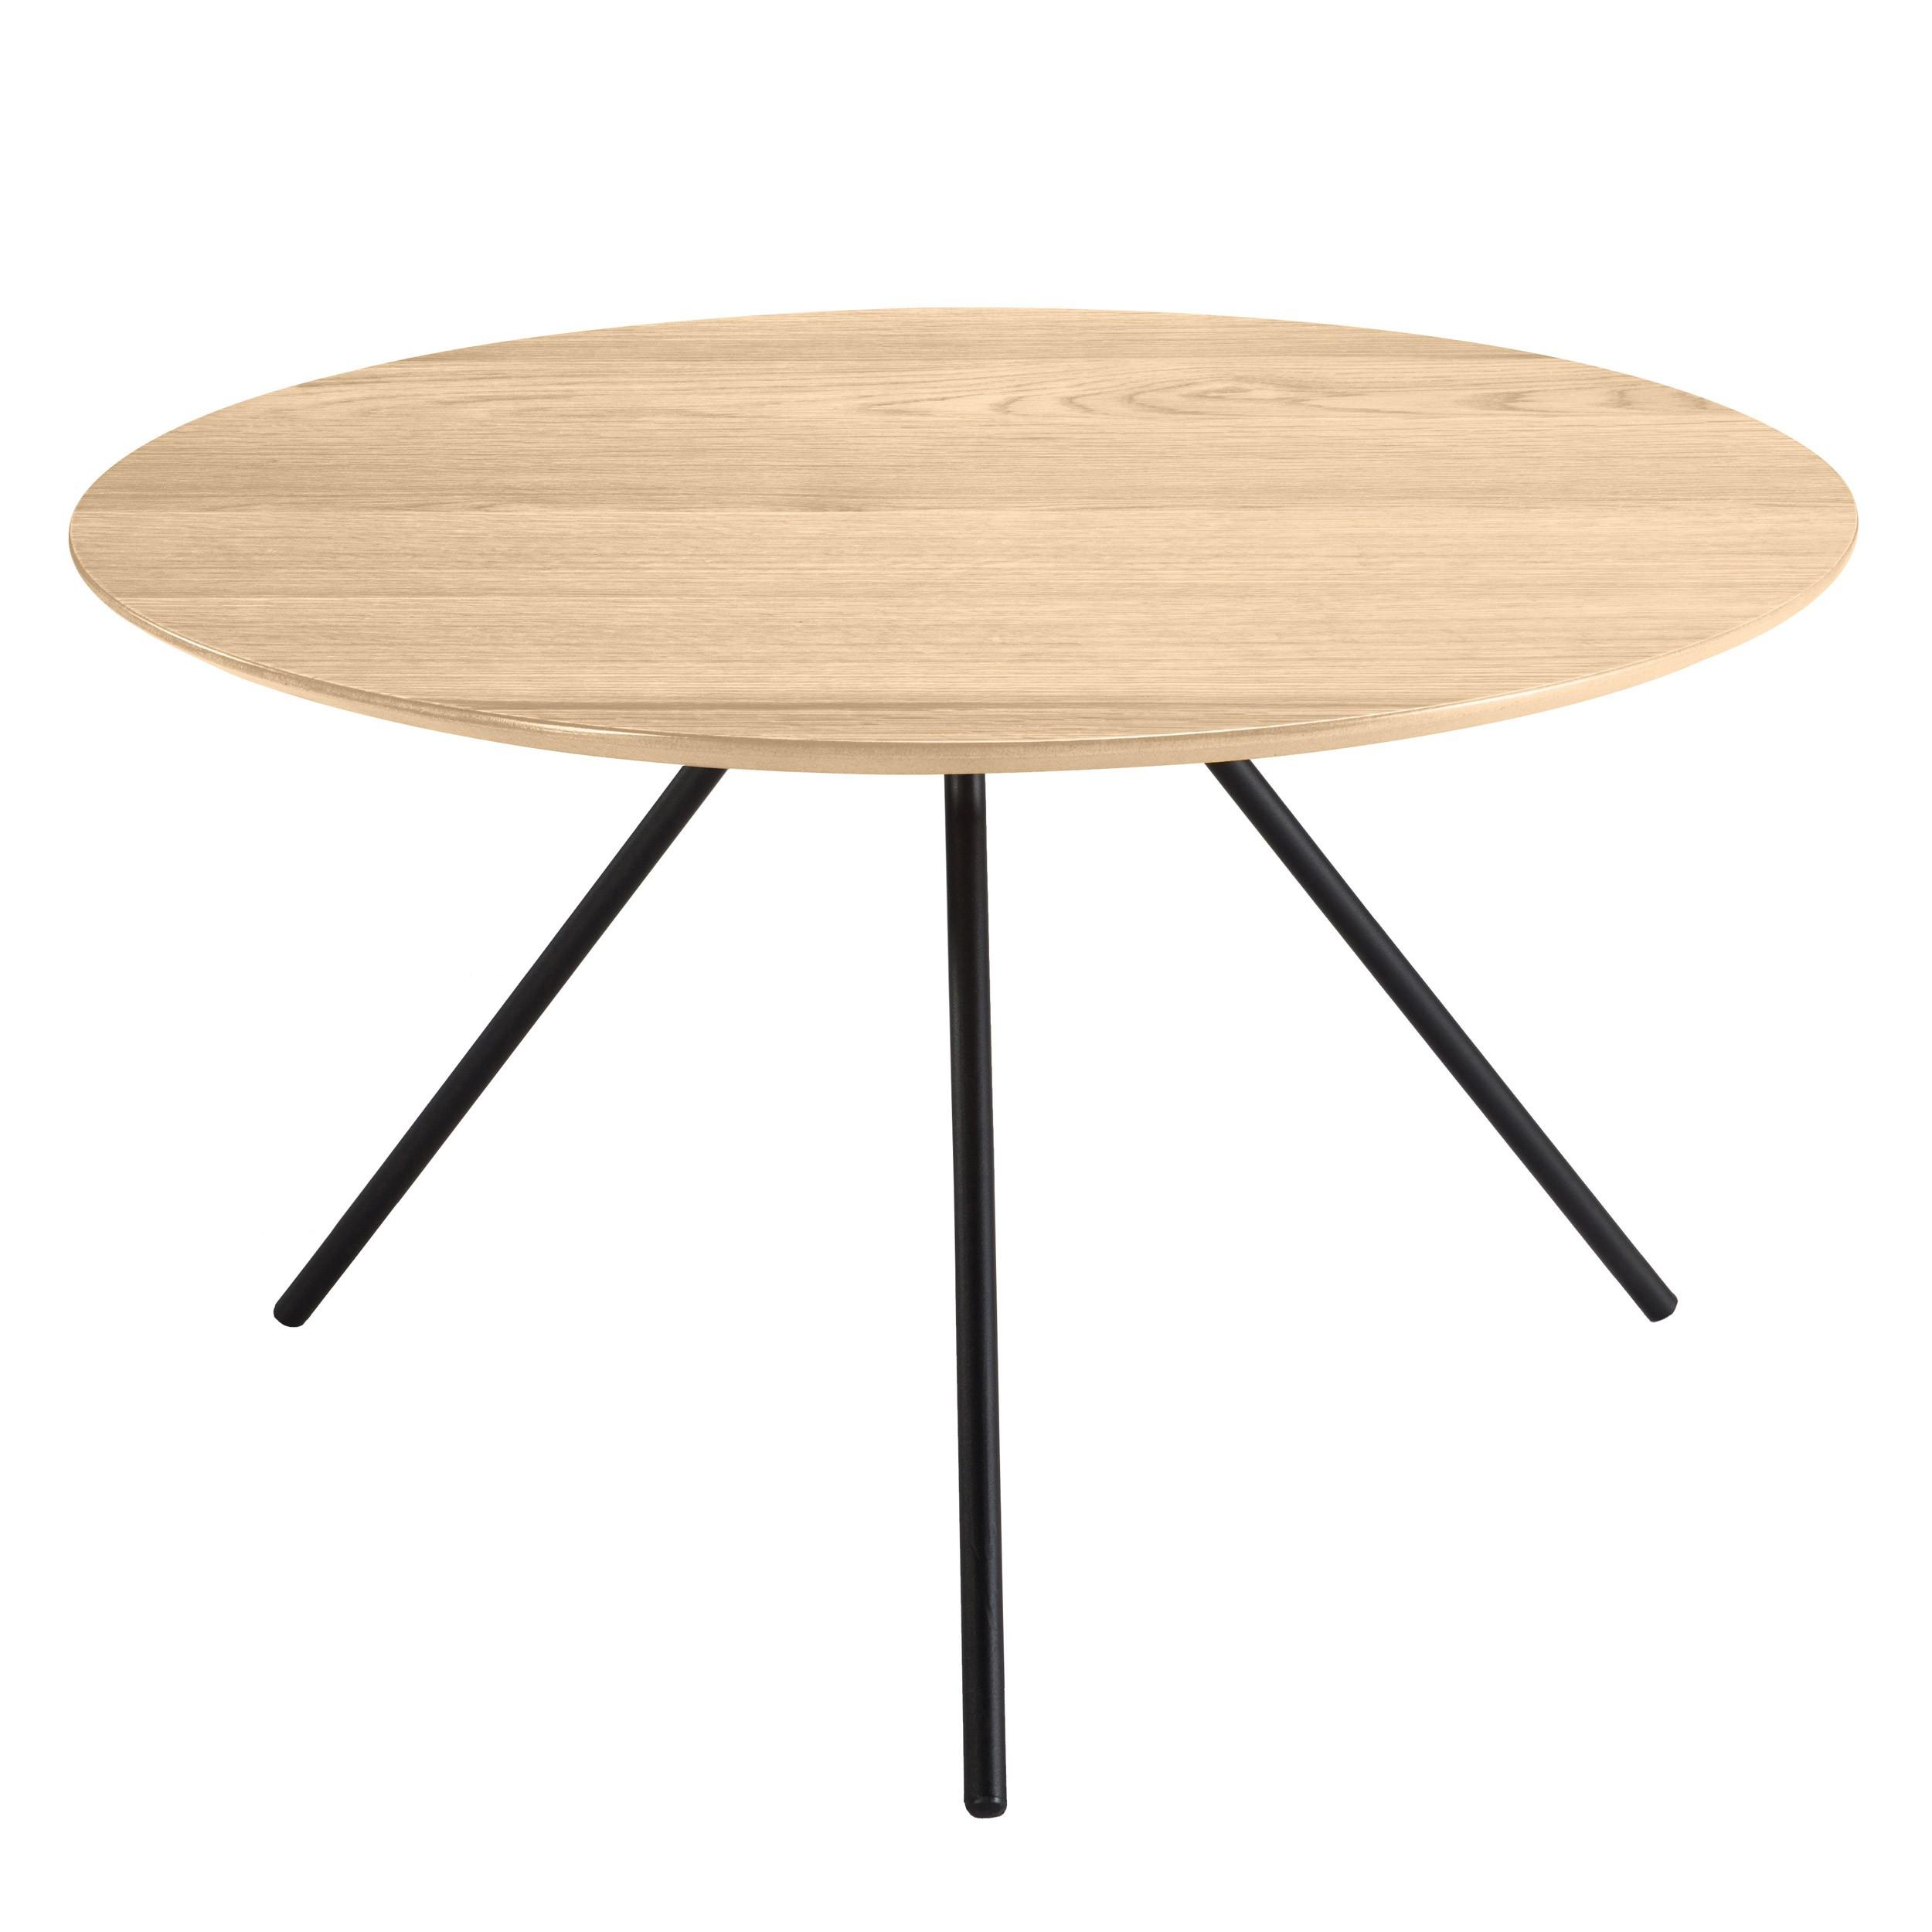 Table Basse Ronde Major En Bois Découvrez Les Tables Basses Rondes